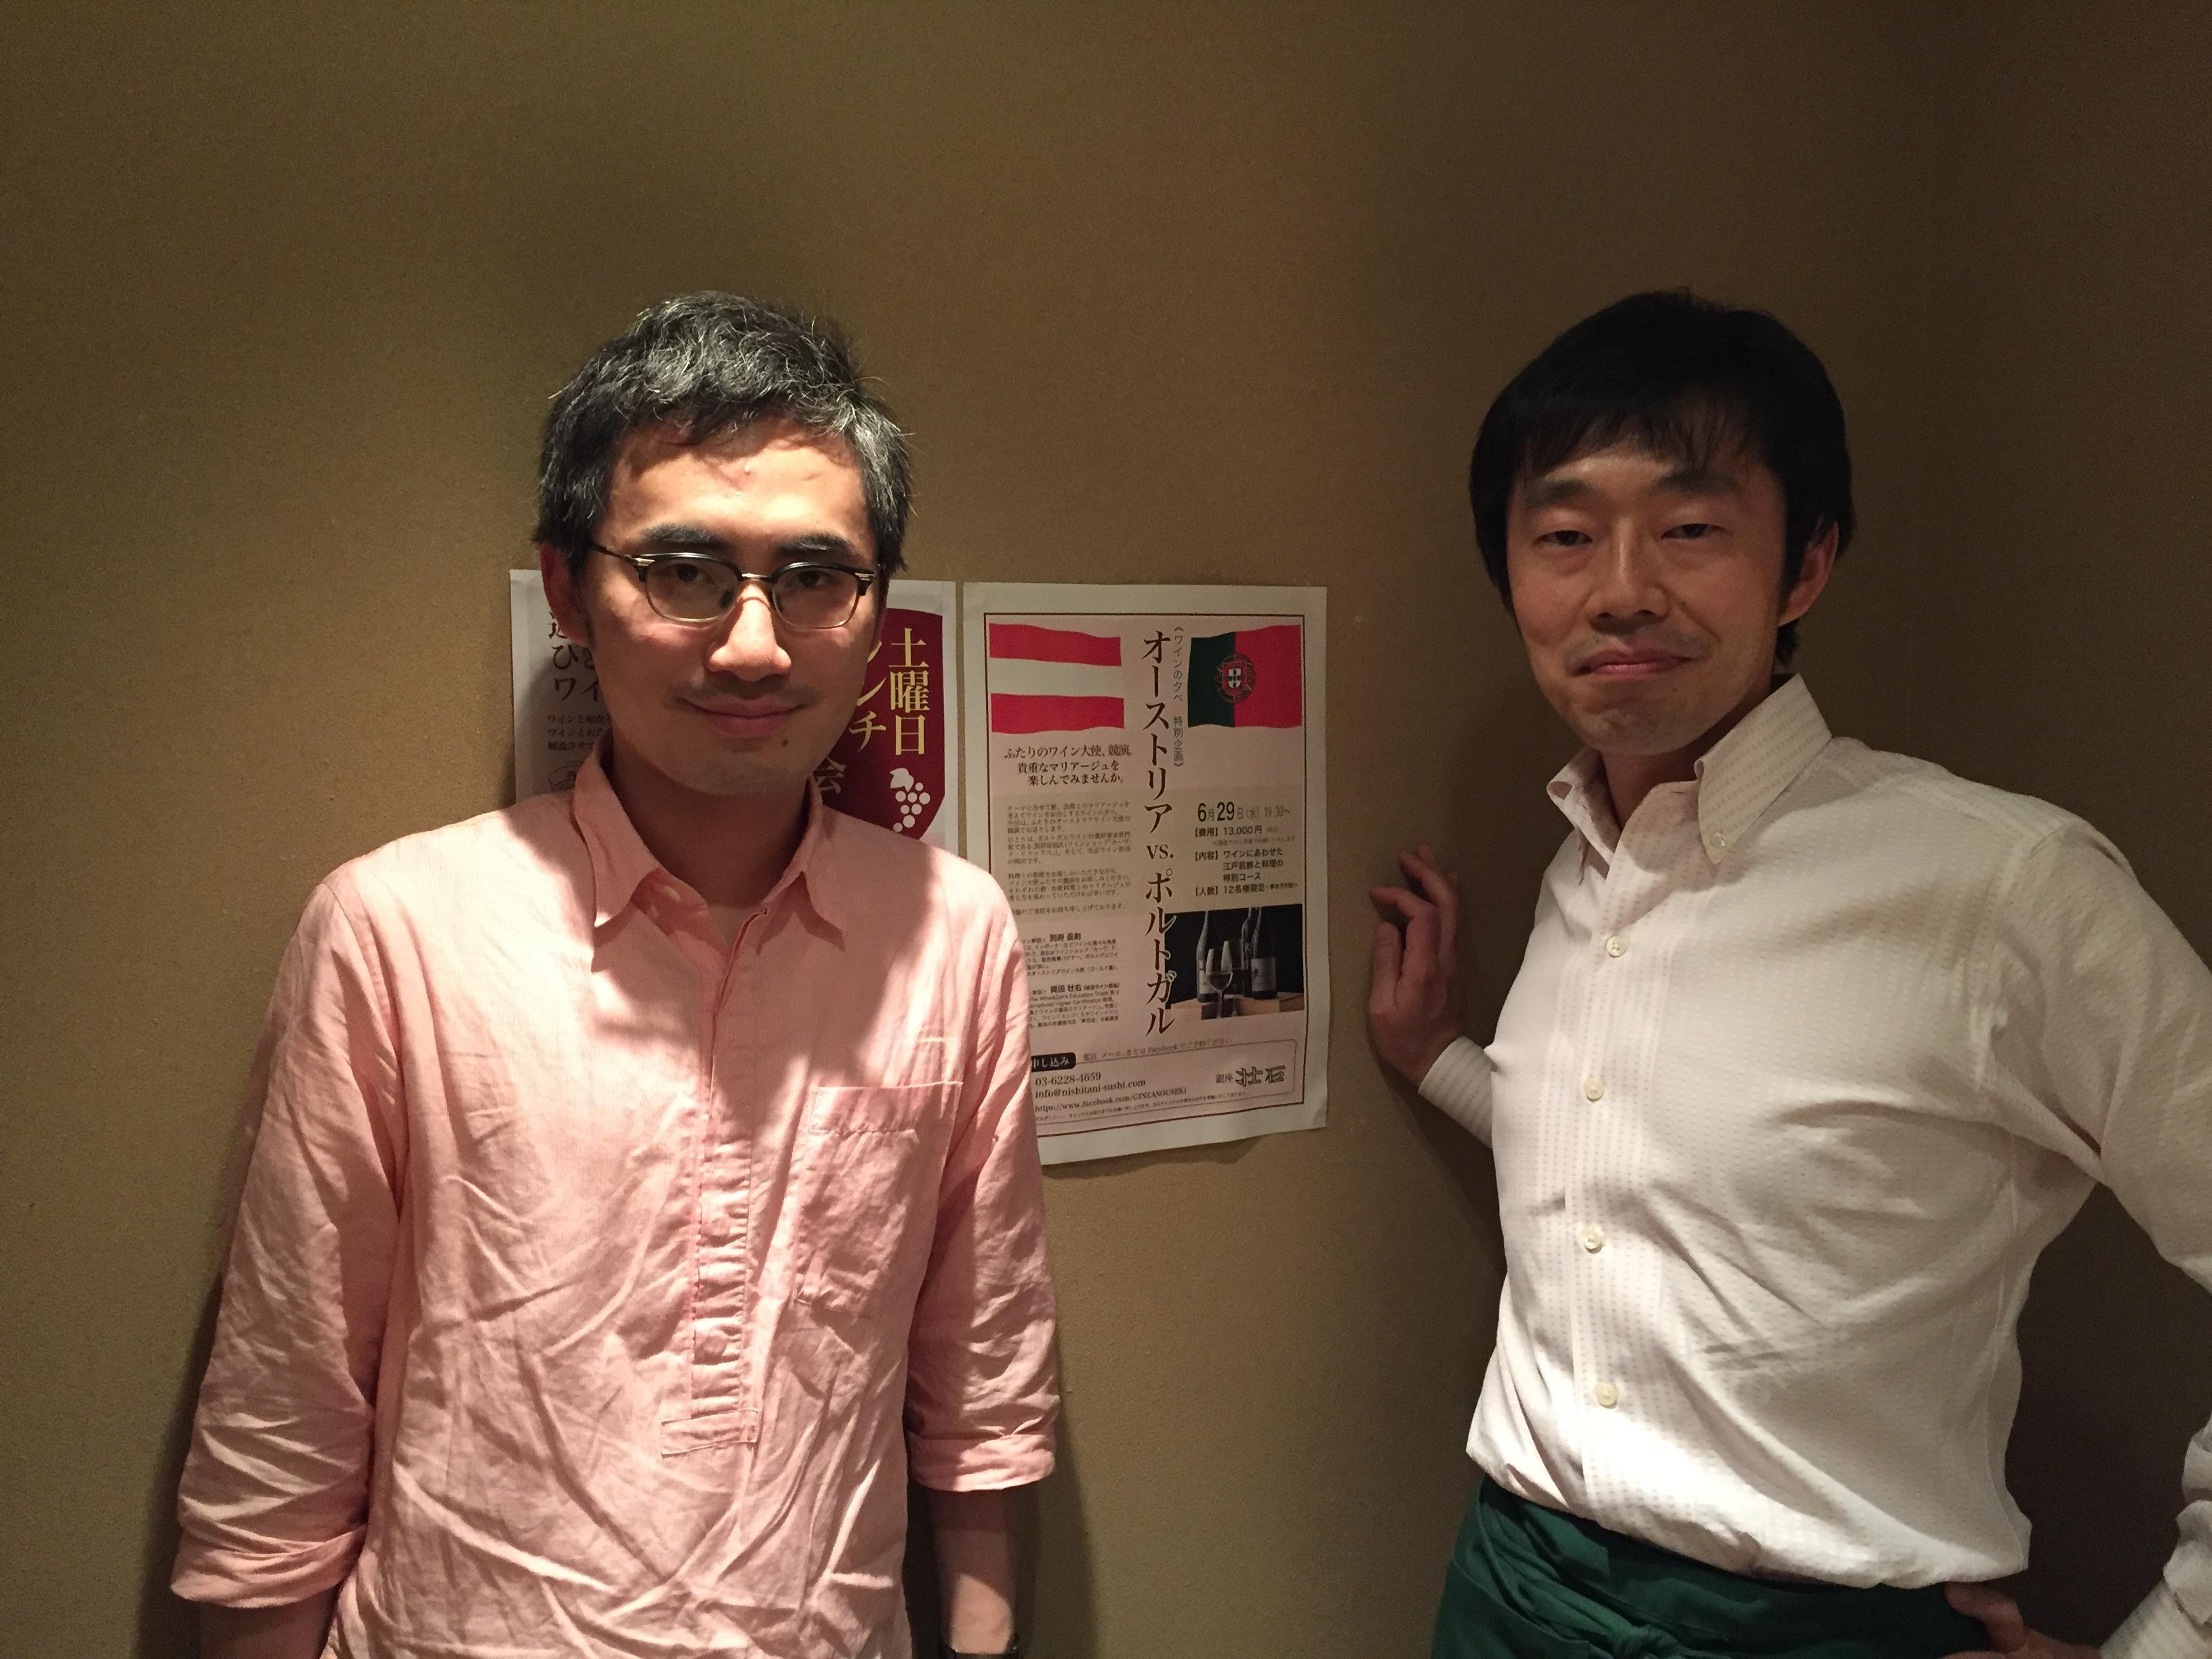 Beppu-san and Okada